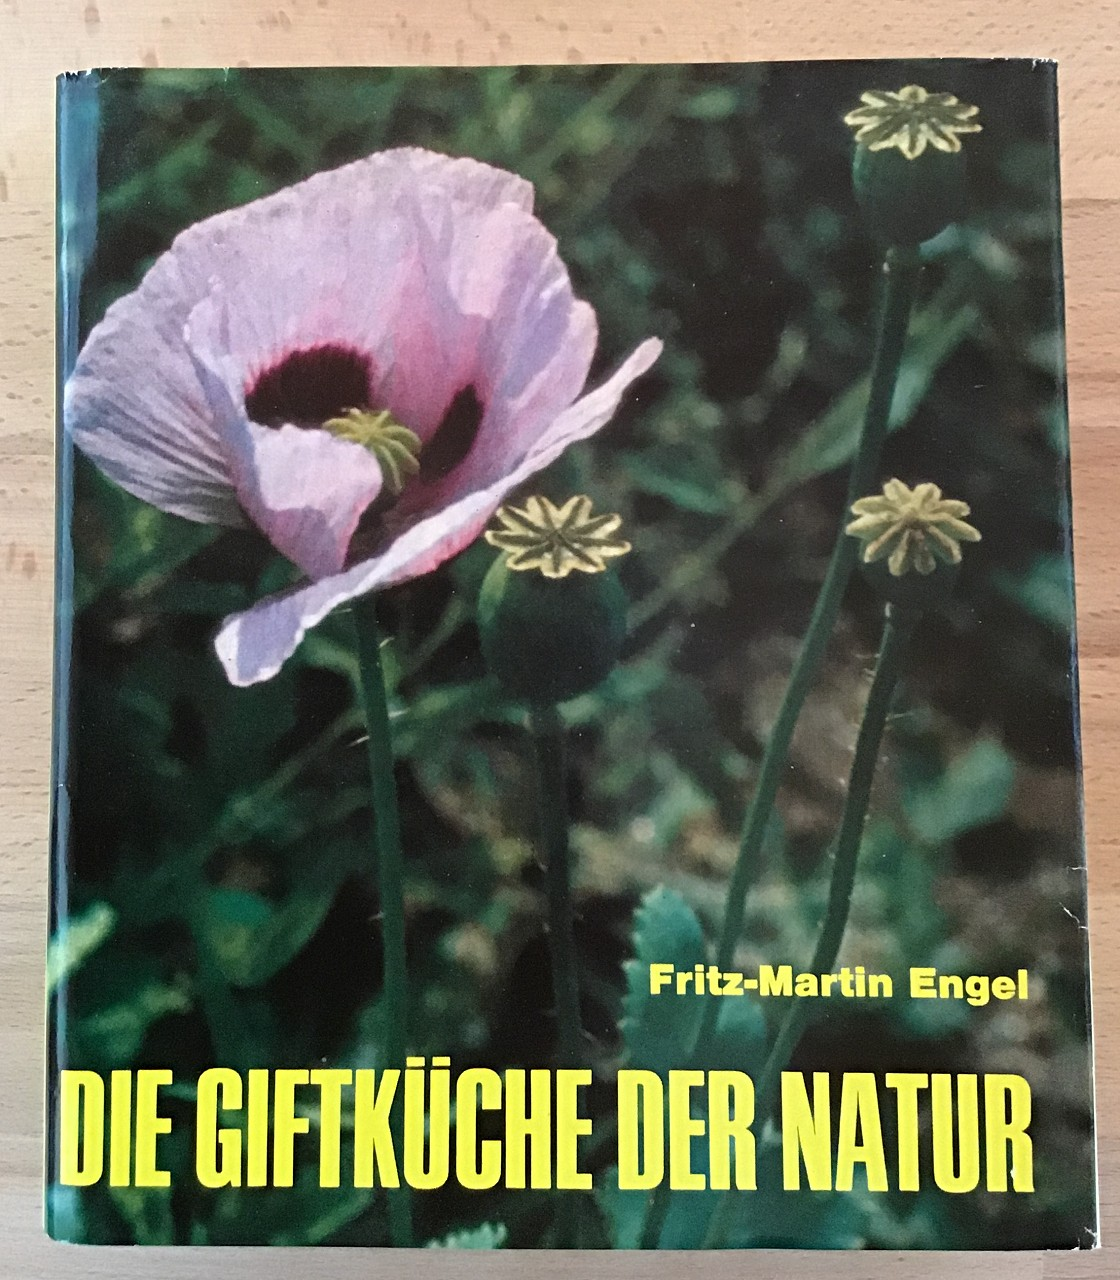 Die Giftküche der Natur : Eine Natur und Kulturgeschichte der Giftgewächse unserer Erde.